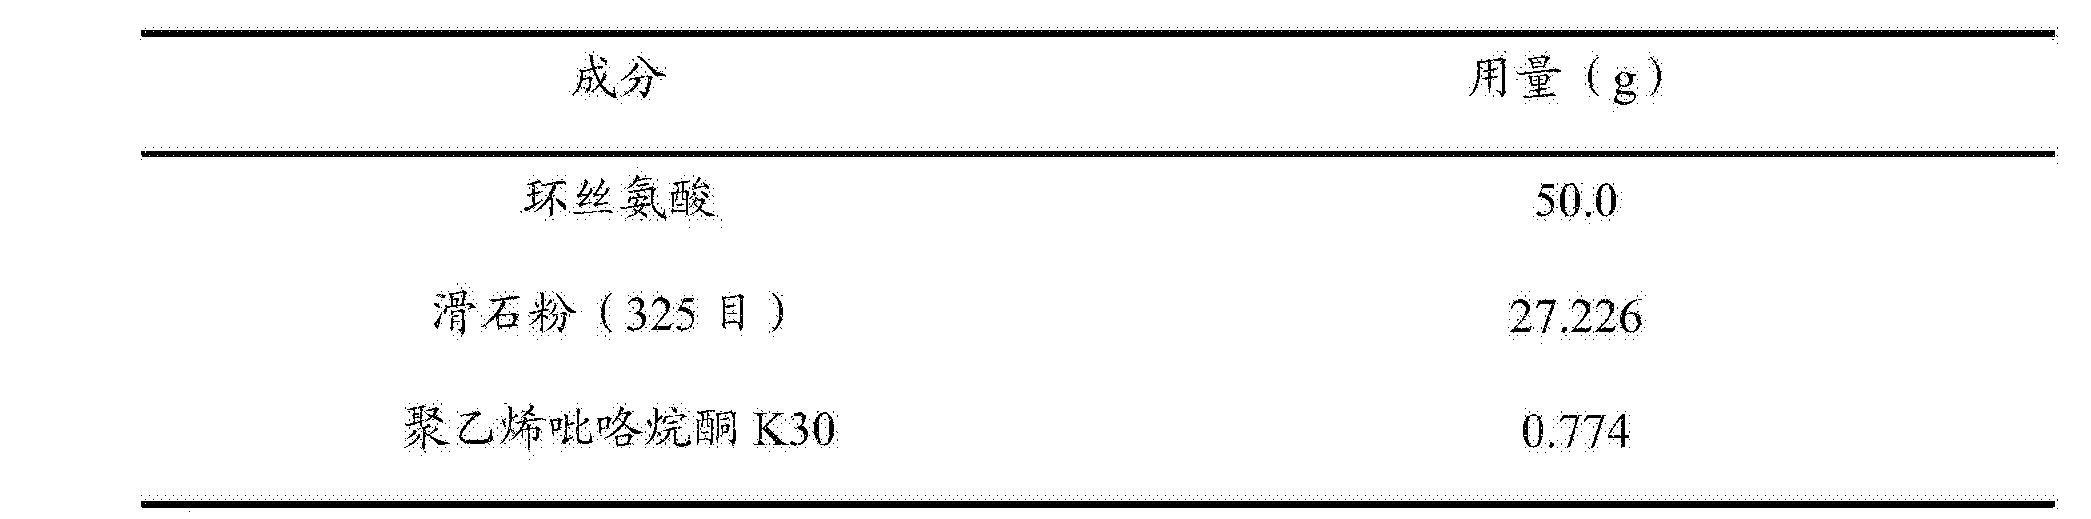 Figure CN105476976BD00092